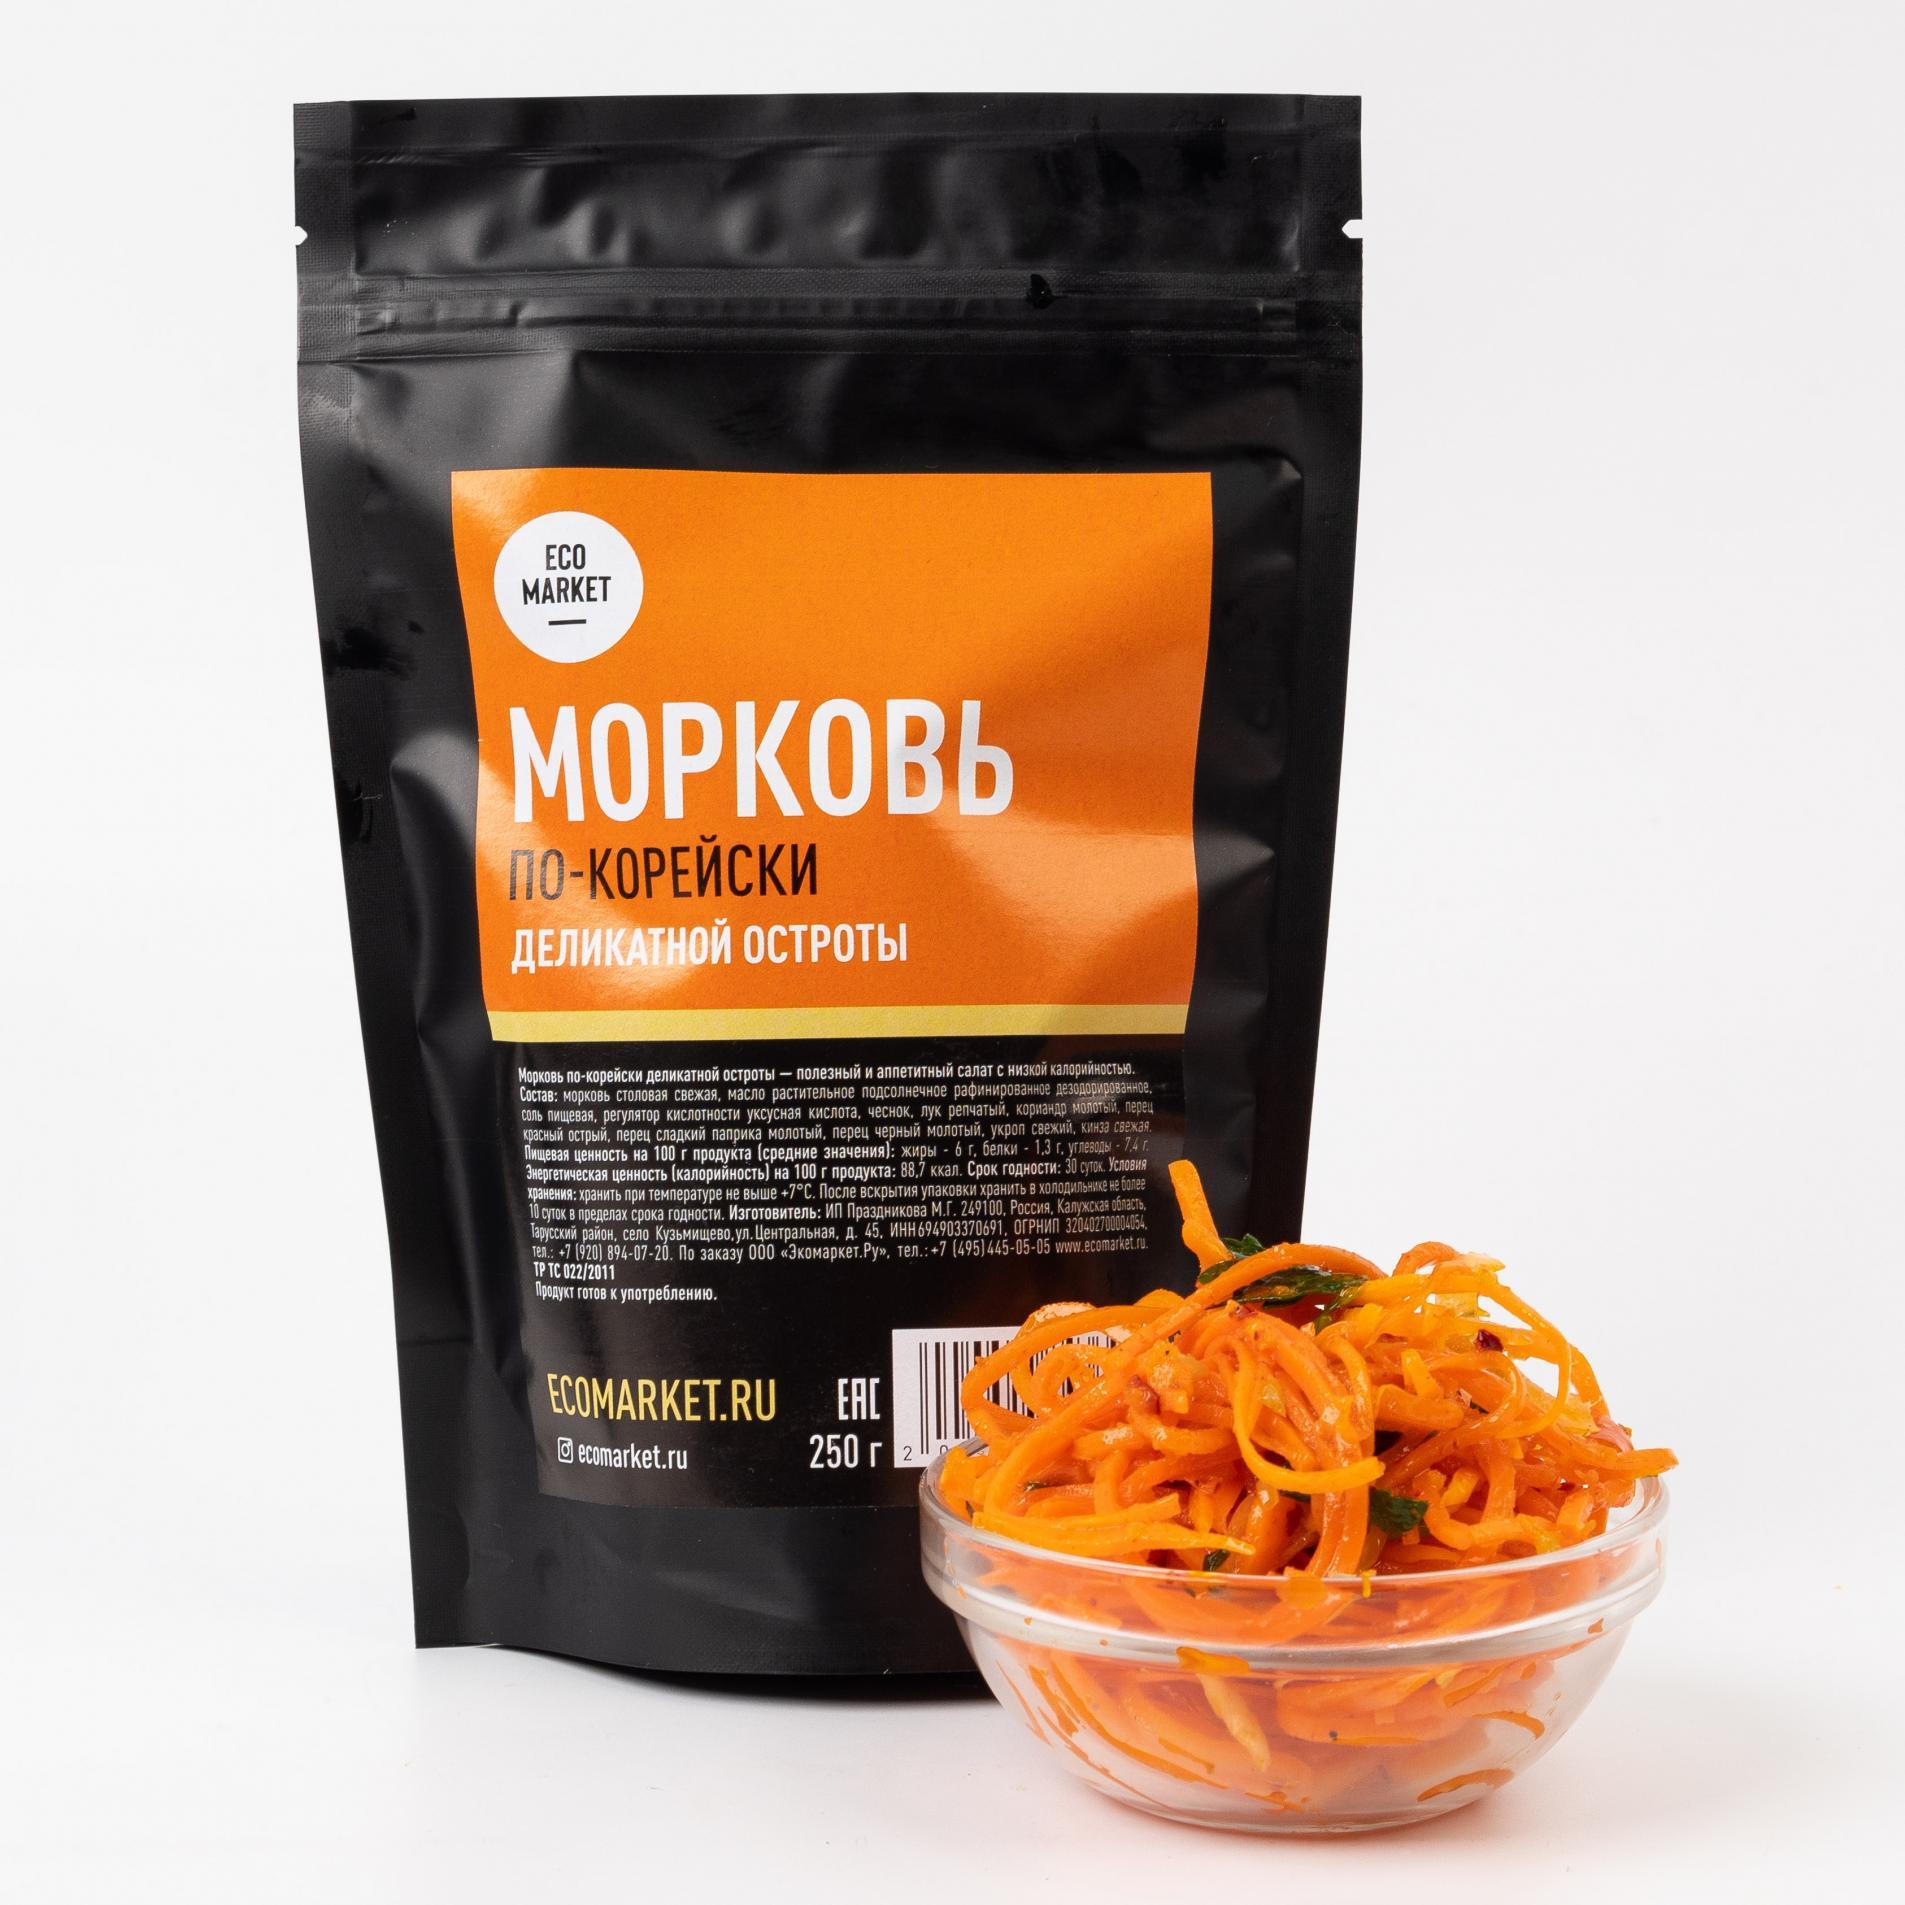 Морковь по-корейски деликатной остроты Ecomarket.ru - 250 г